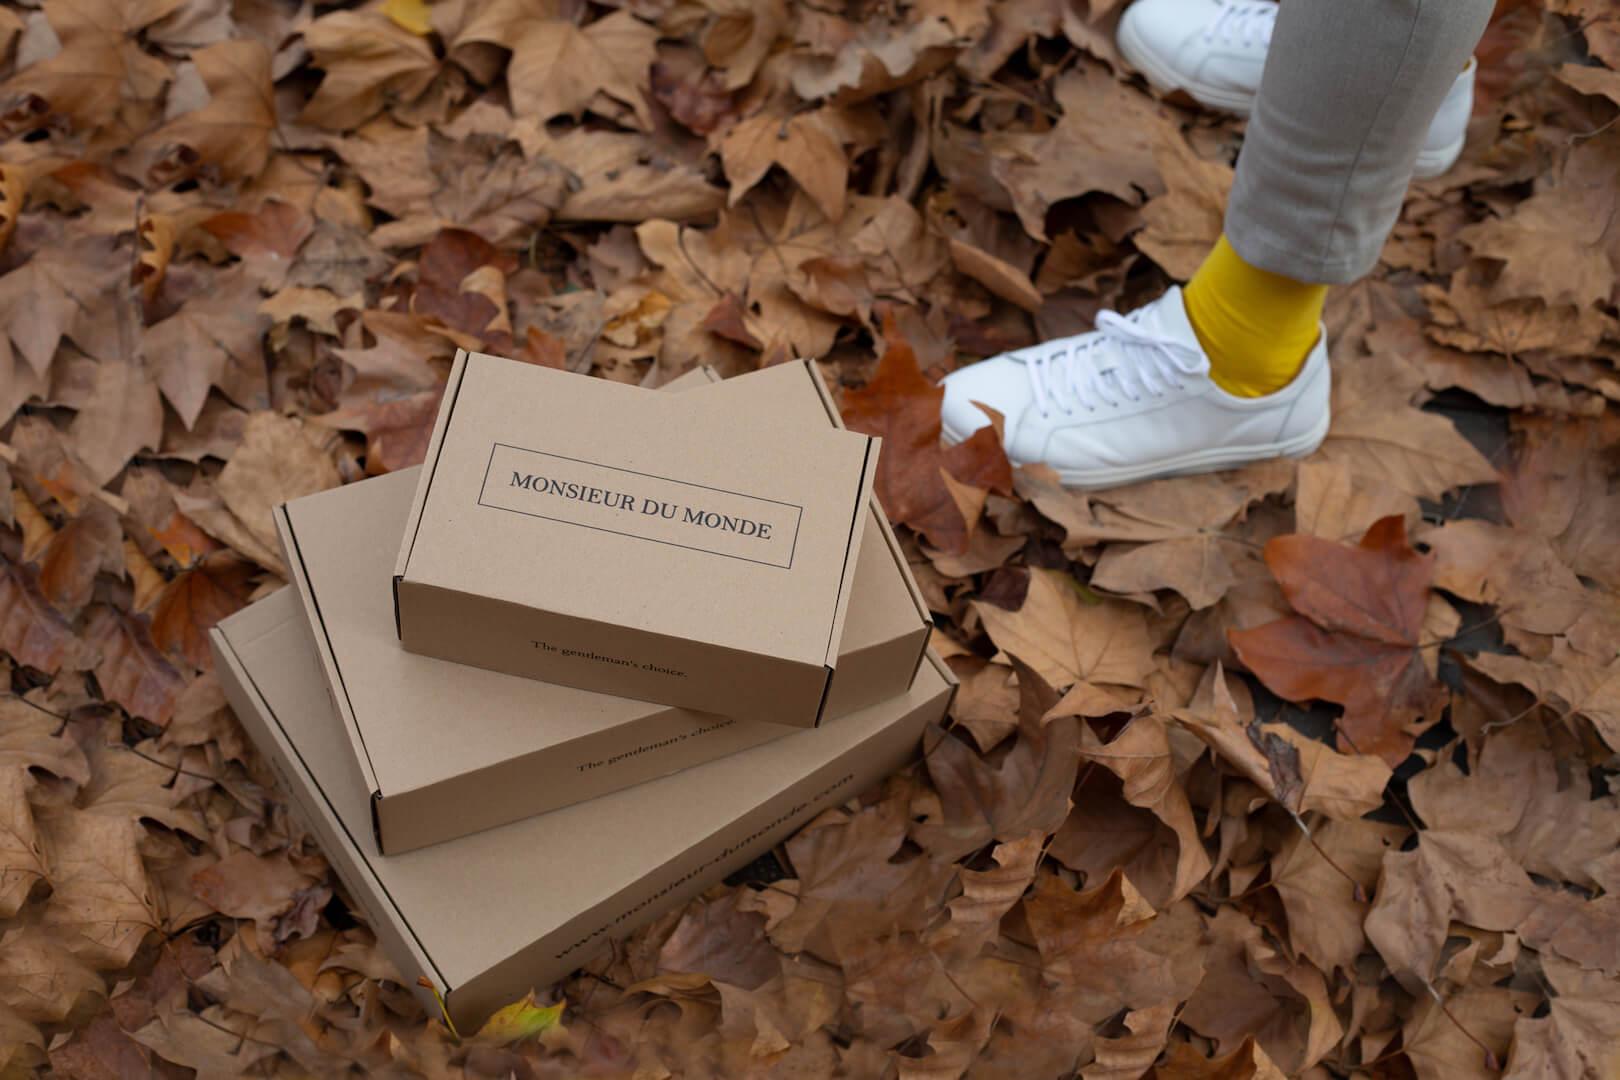 Personne en baskets à côté des boîtes Monsieur du Monde